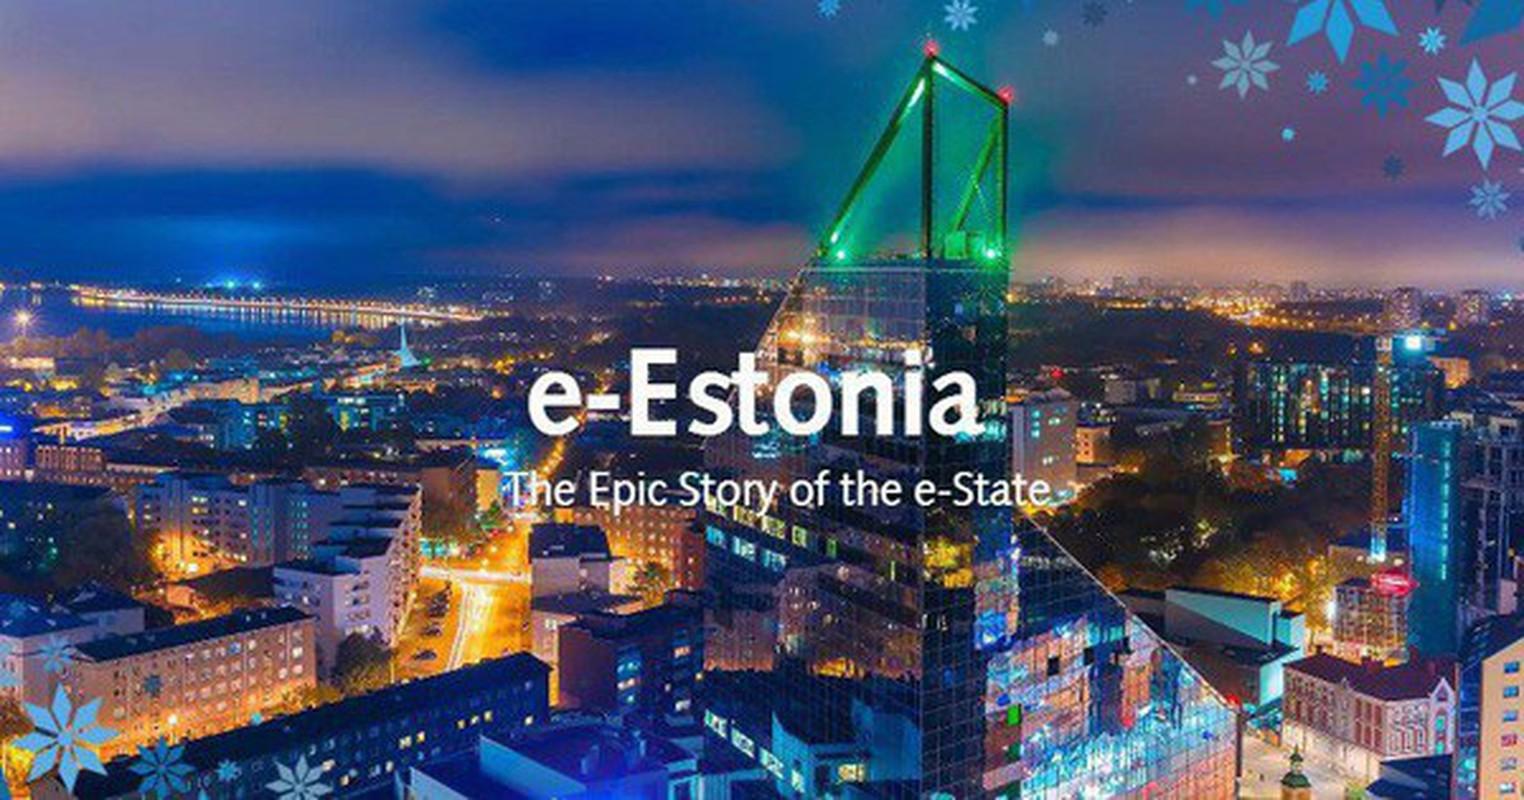 Tu lac hau den dinh cong nghe cao, Estonia khien the gioi